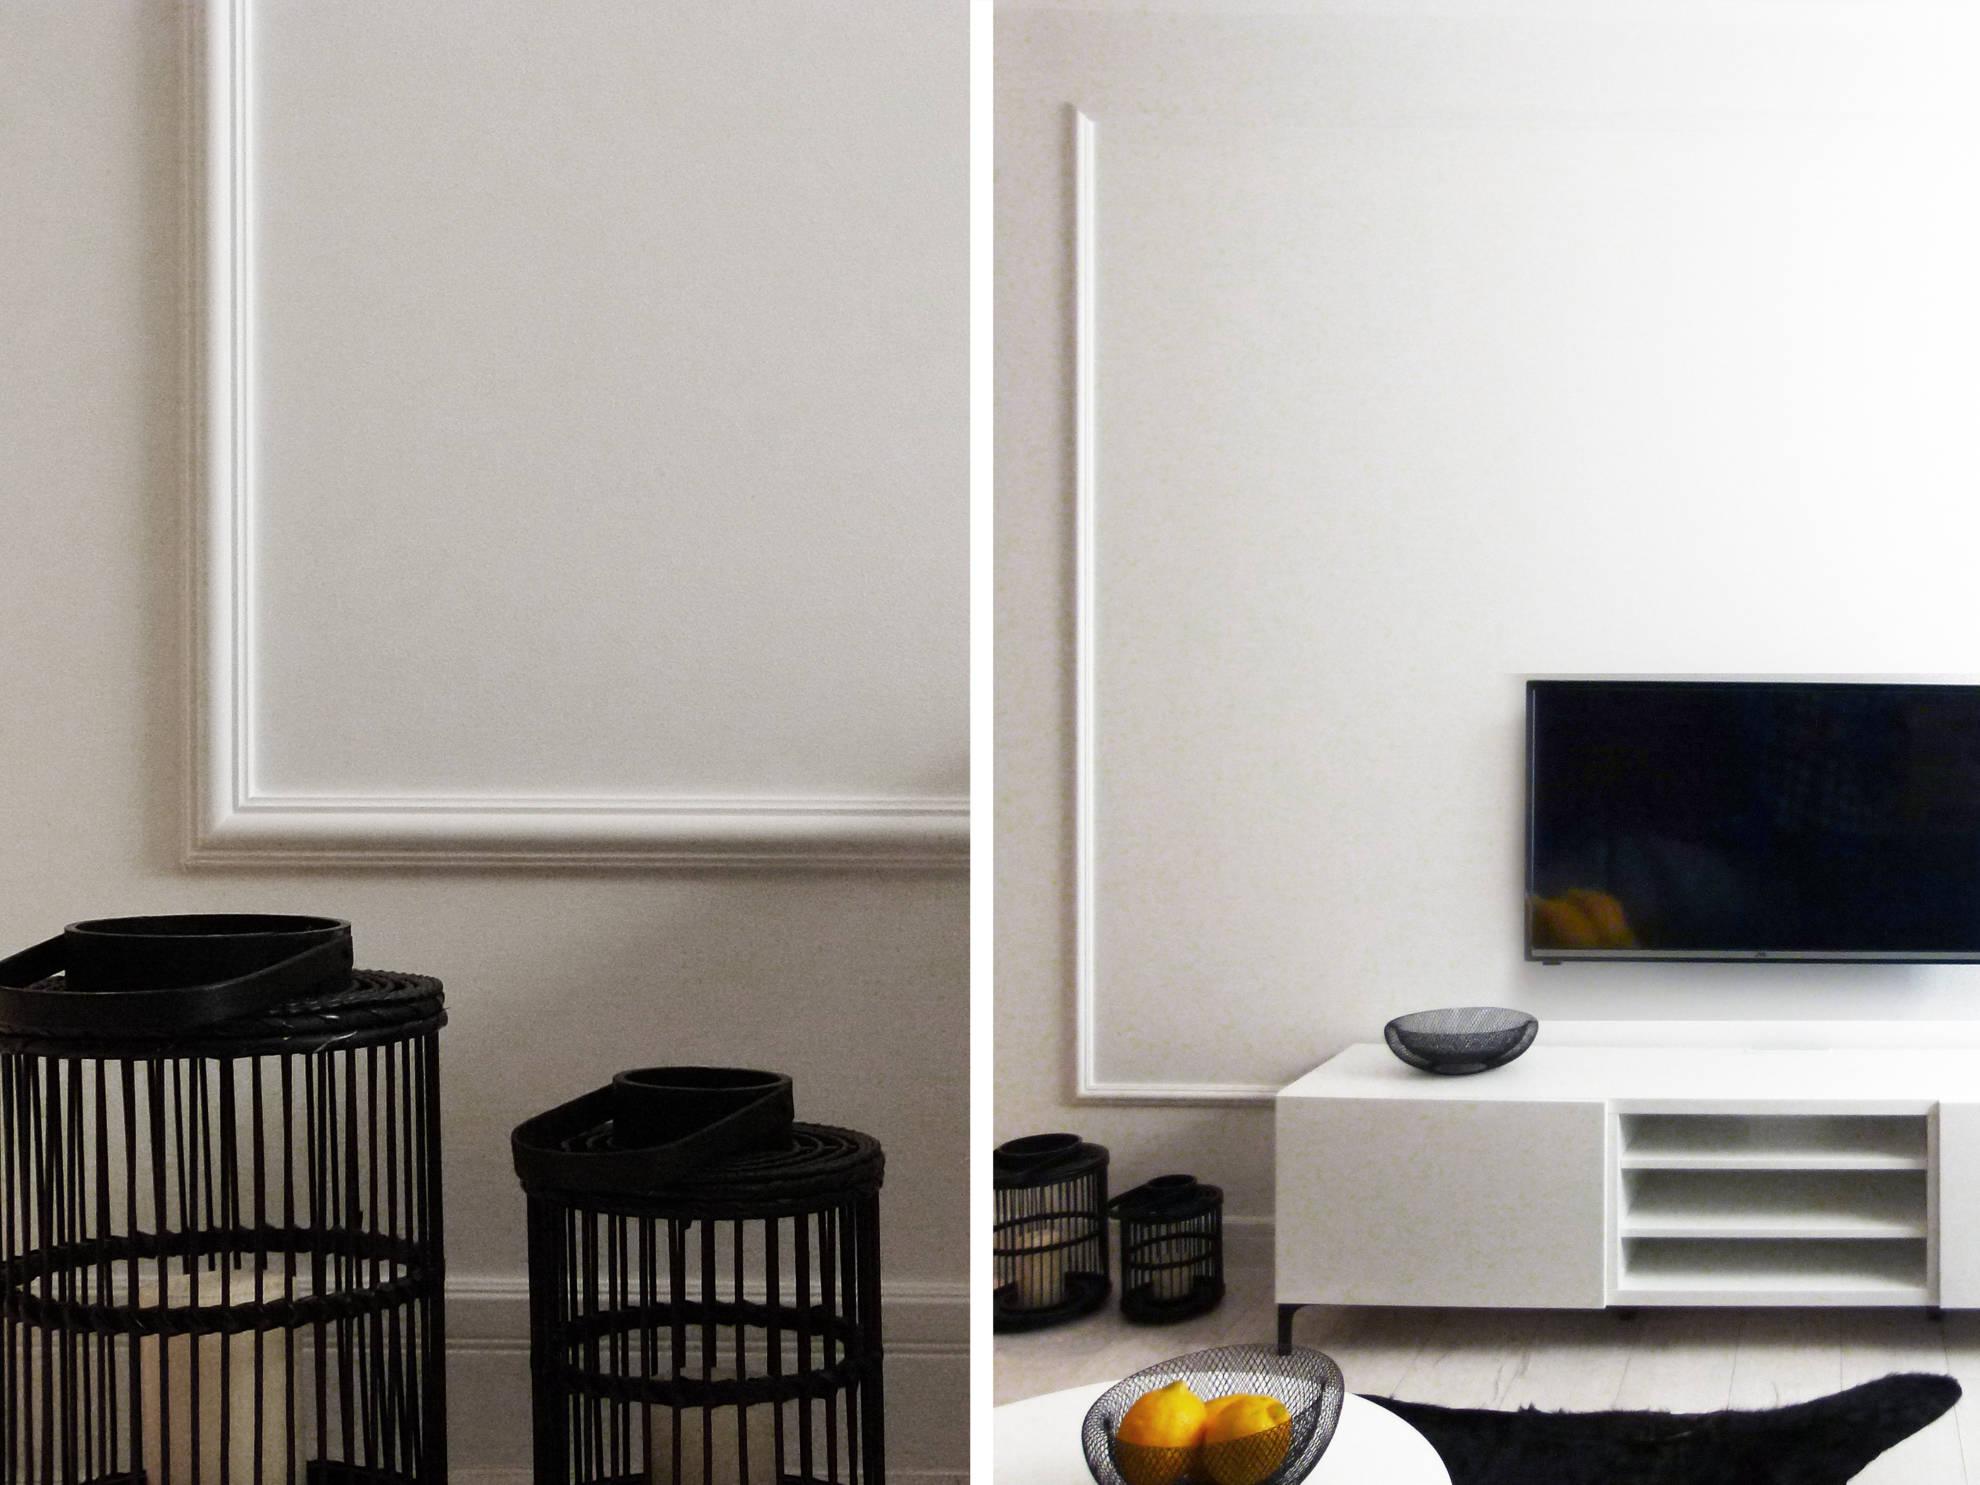 Projekt aranżacji mieszkania na wynajem - meble kuchenne wykonanie SAS Wnętrza i Kuchnie, projekt architekt wnętrz Emilia Strzempek Plasun.